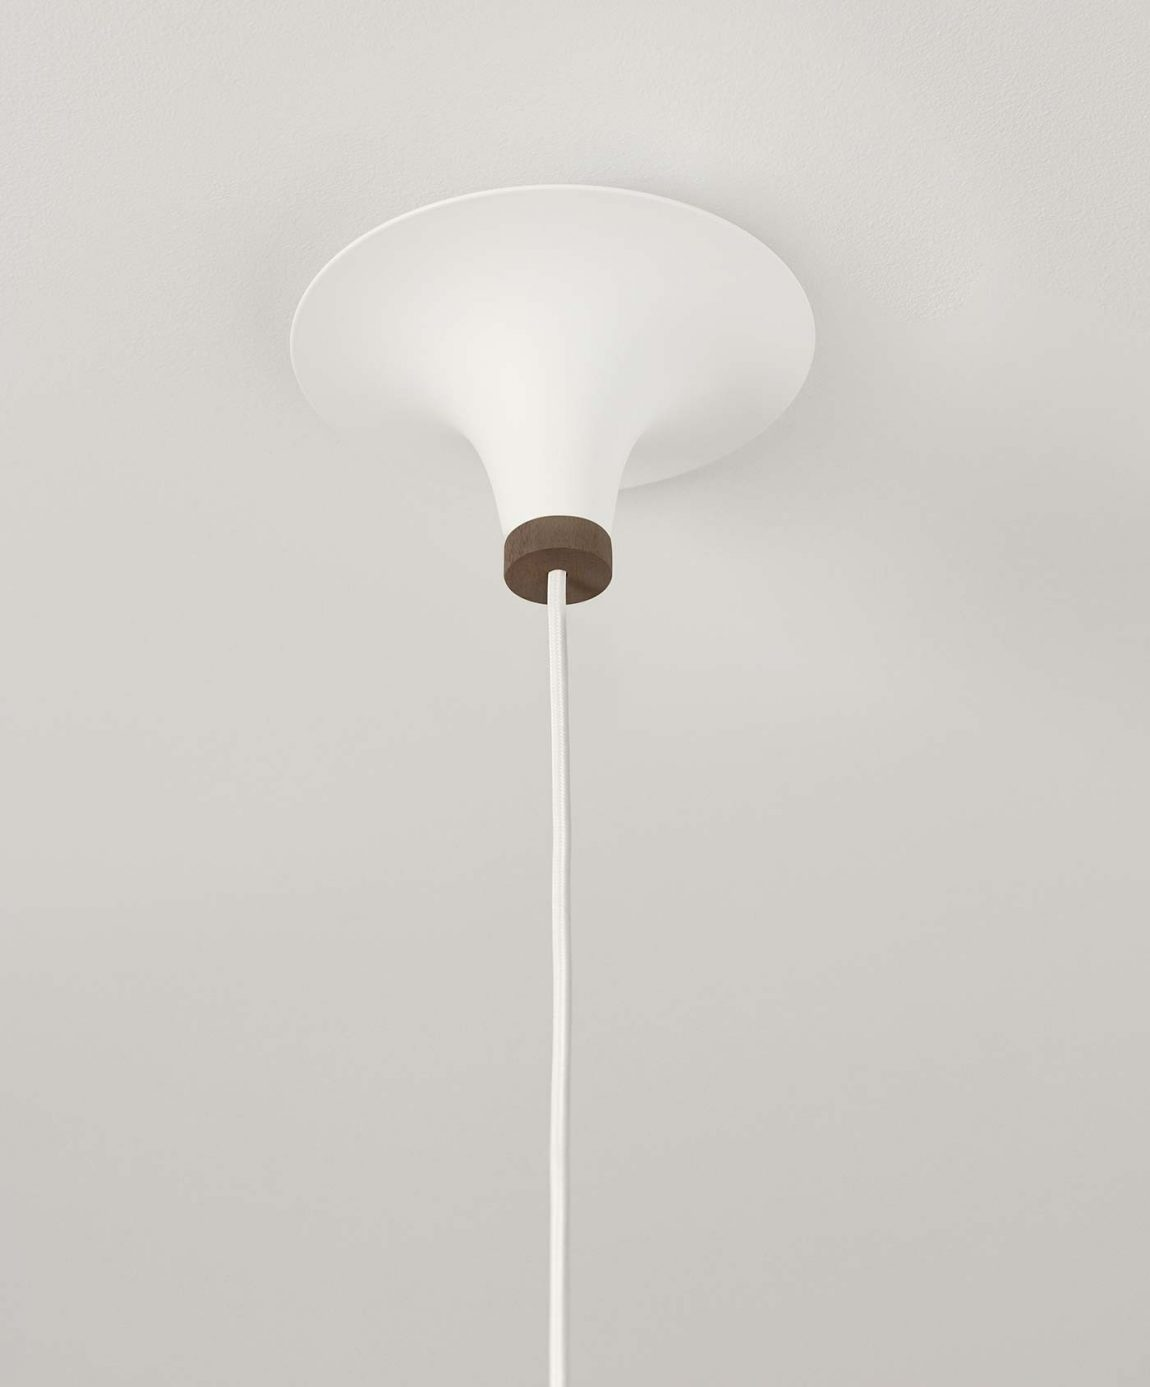 Acorn hanglamp van Northern Lighting